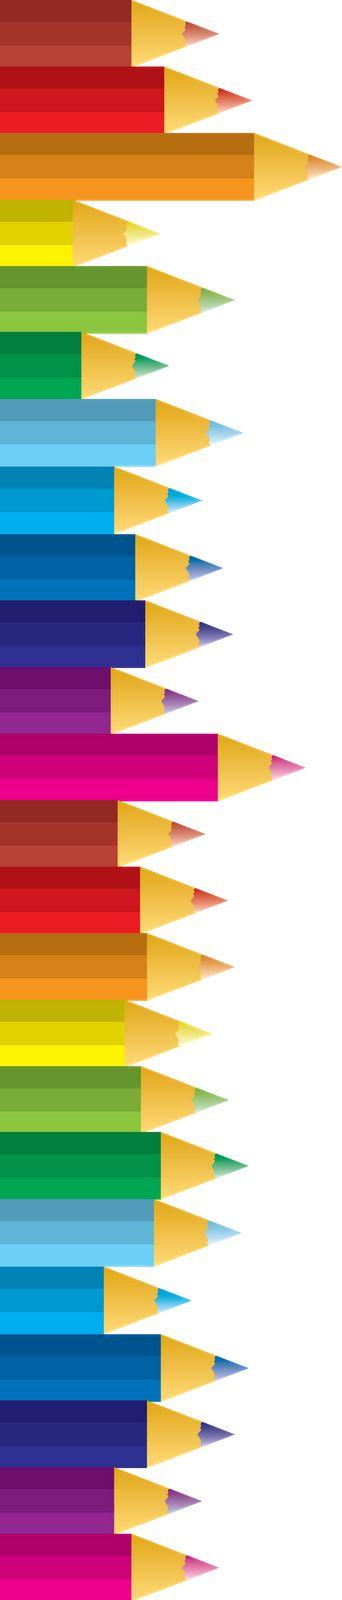 Free Clip Art! A Dozen Downloads as seen on Sixth Grade Staff www.sixthgradestaff.com